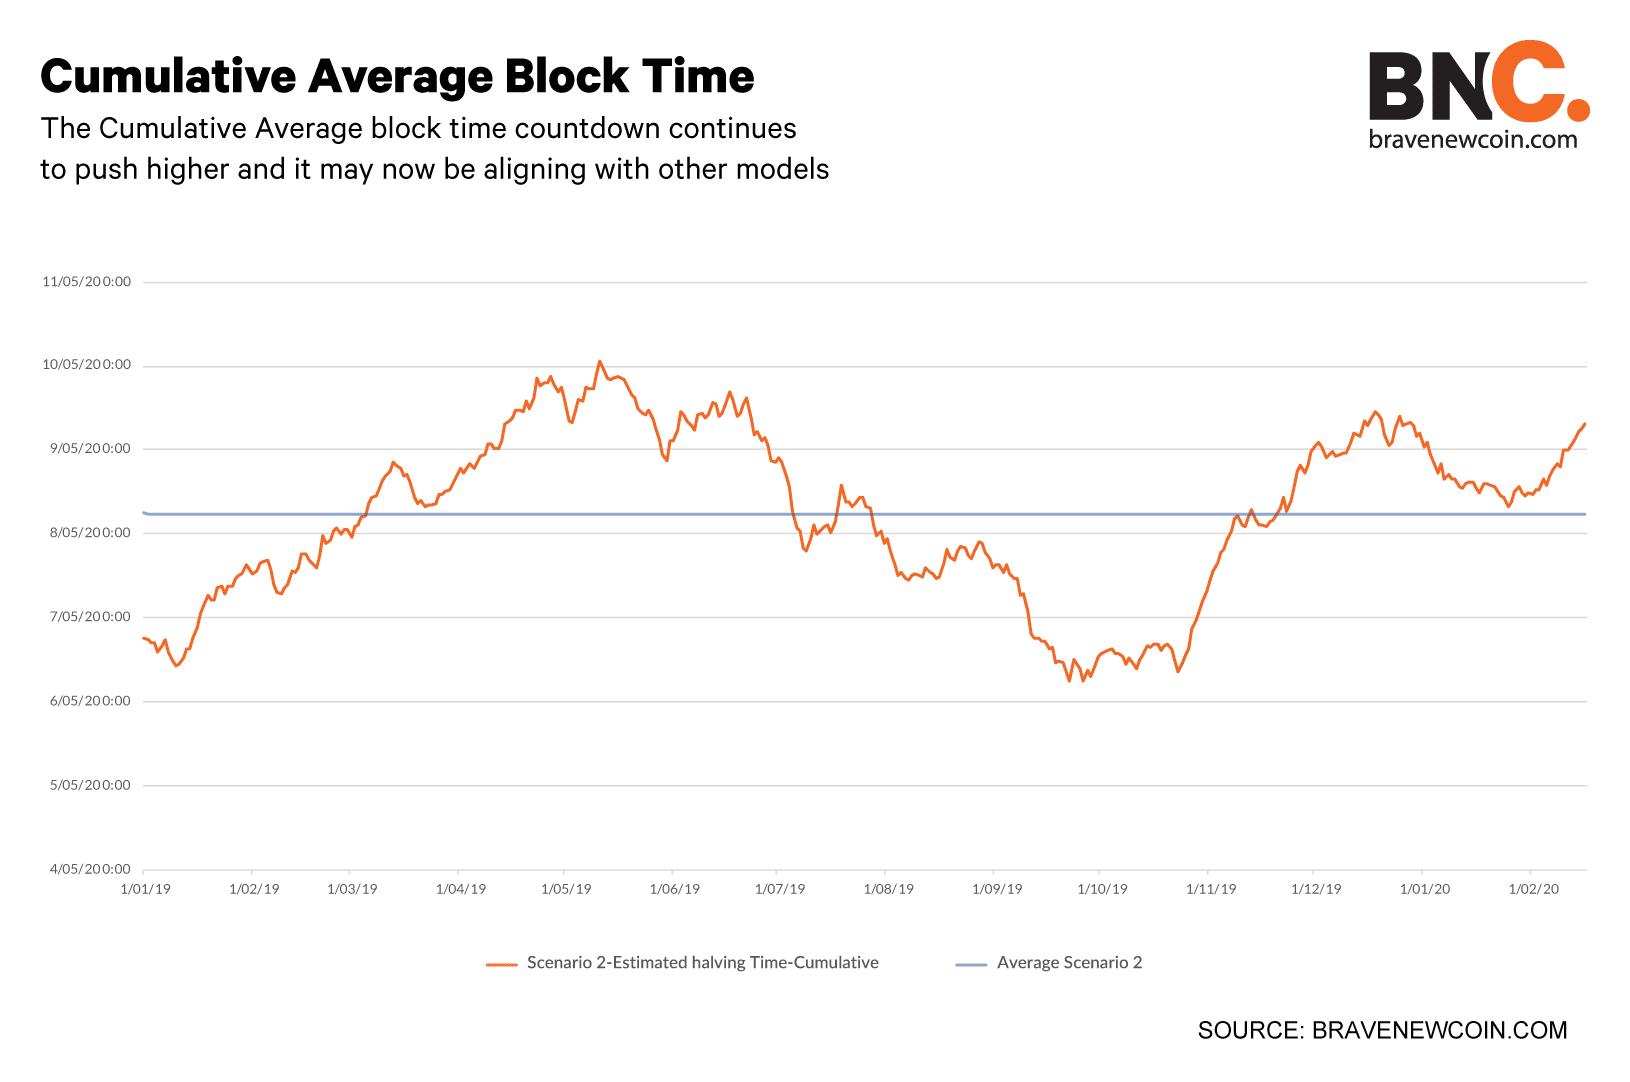 Cumulative-average-block-time